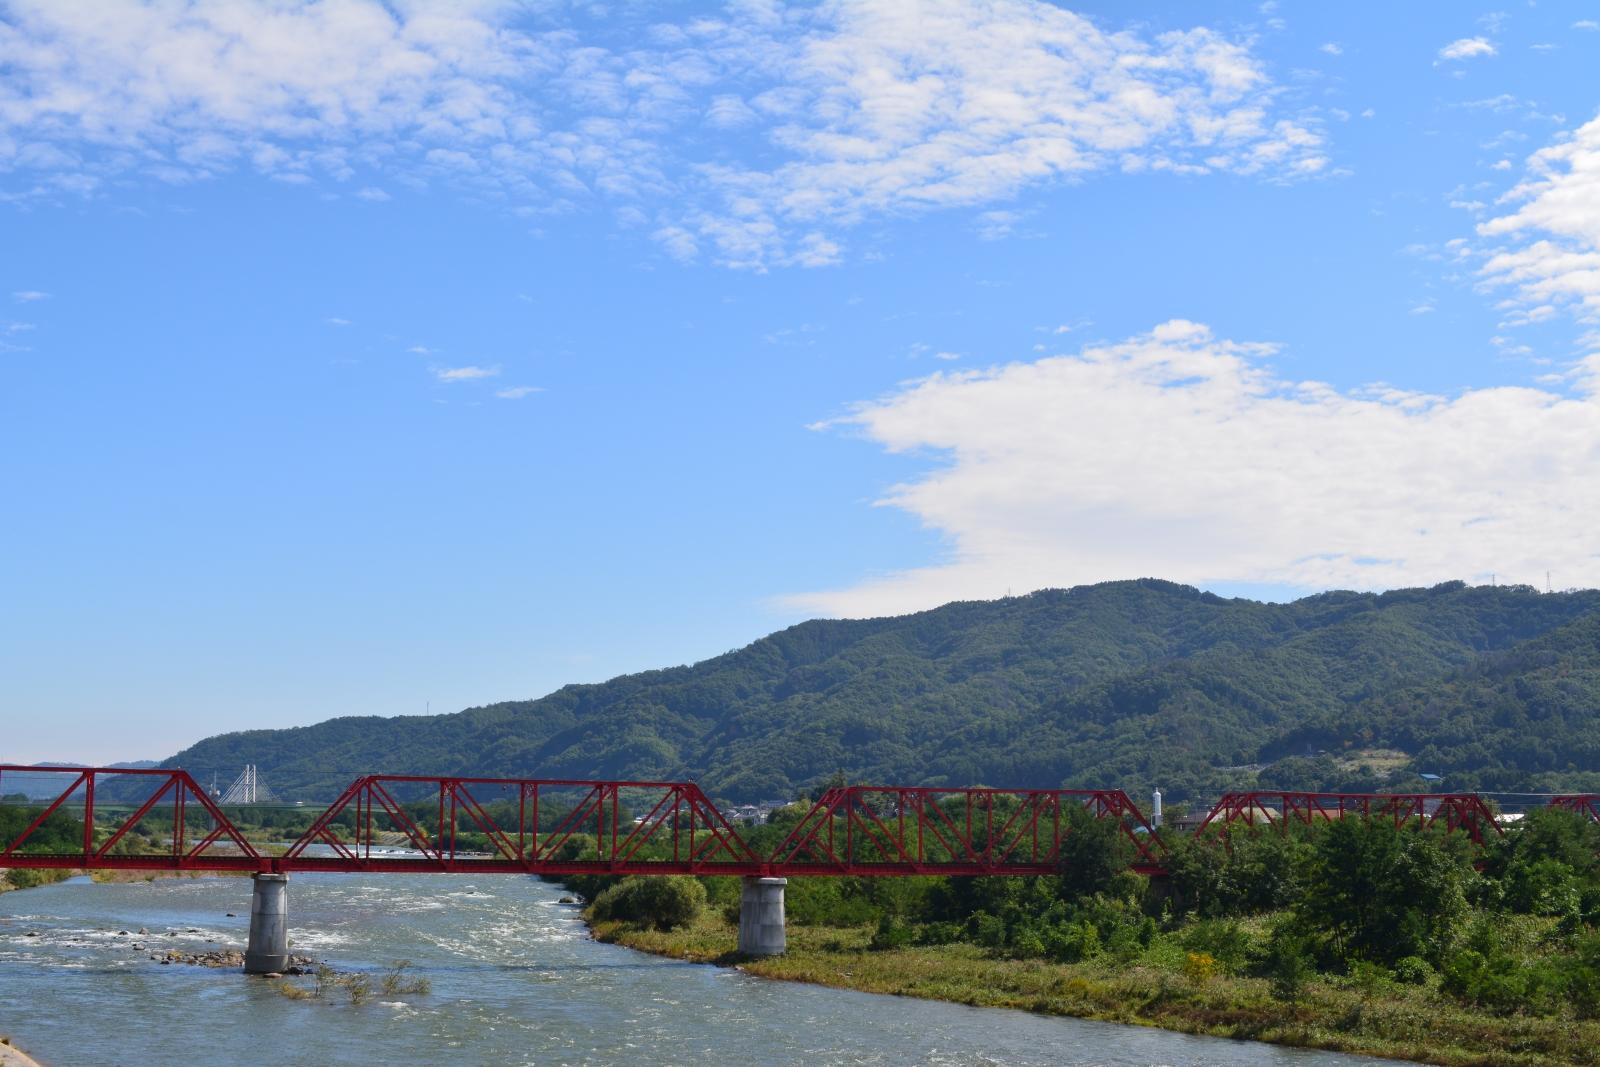 別所線 赤い鉄橋と千曲川